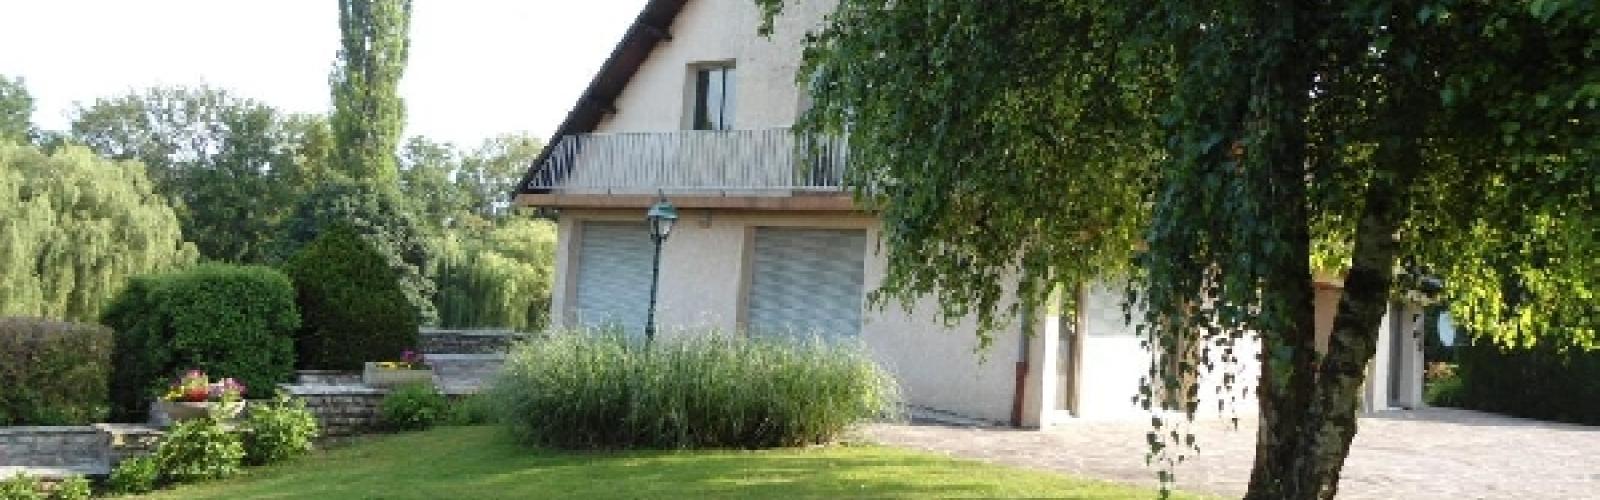 """Maison De Campagne Vexin chambre d'hôtes magny-en-vexin """"la maison de l'aubette"""" n"""